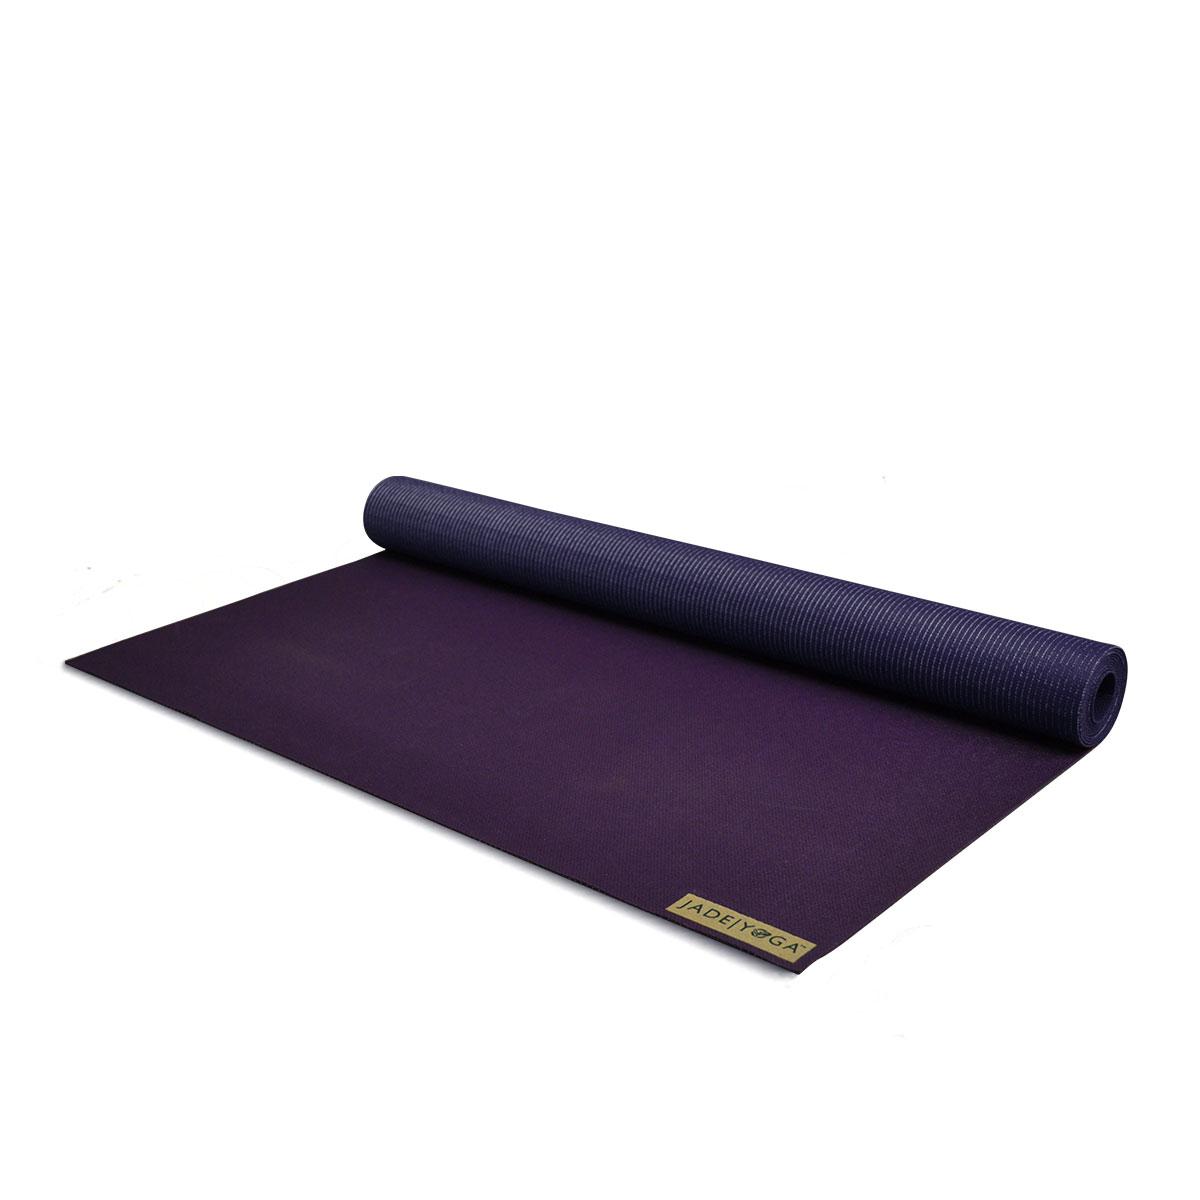 Yogamatte Jade Voyager Purple Jade Voyager Jade